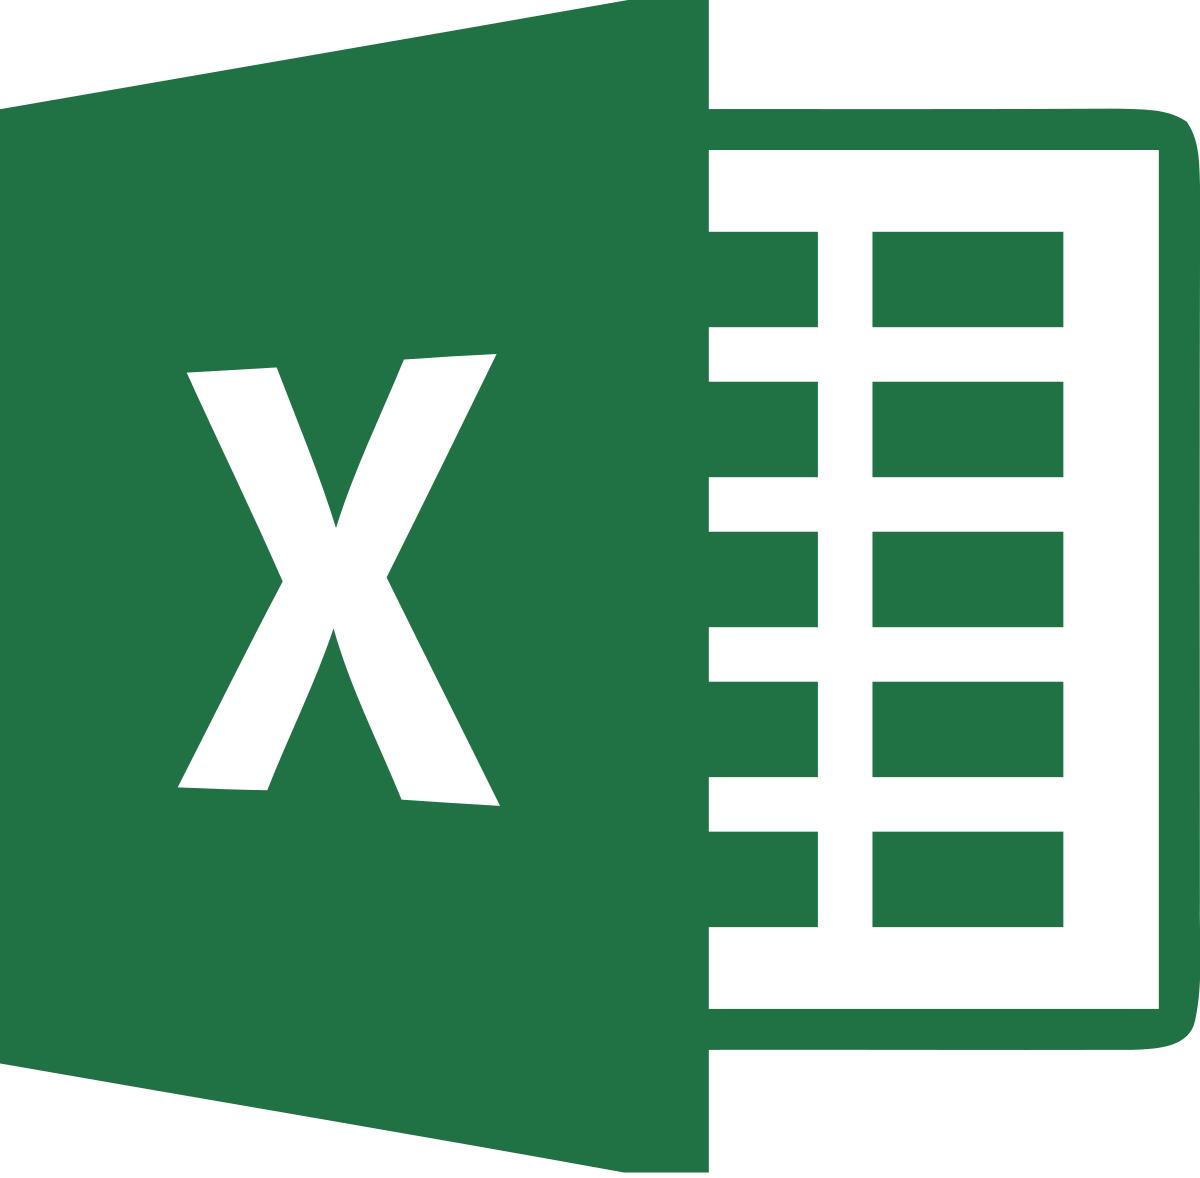 Curso de Microsoft Excel en udemy